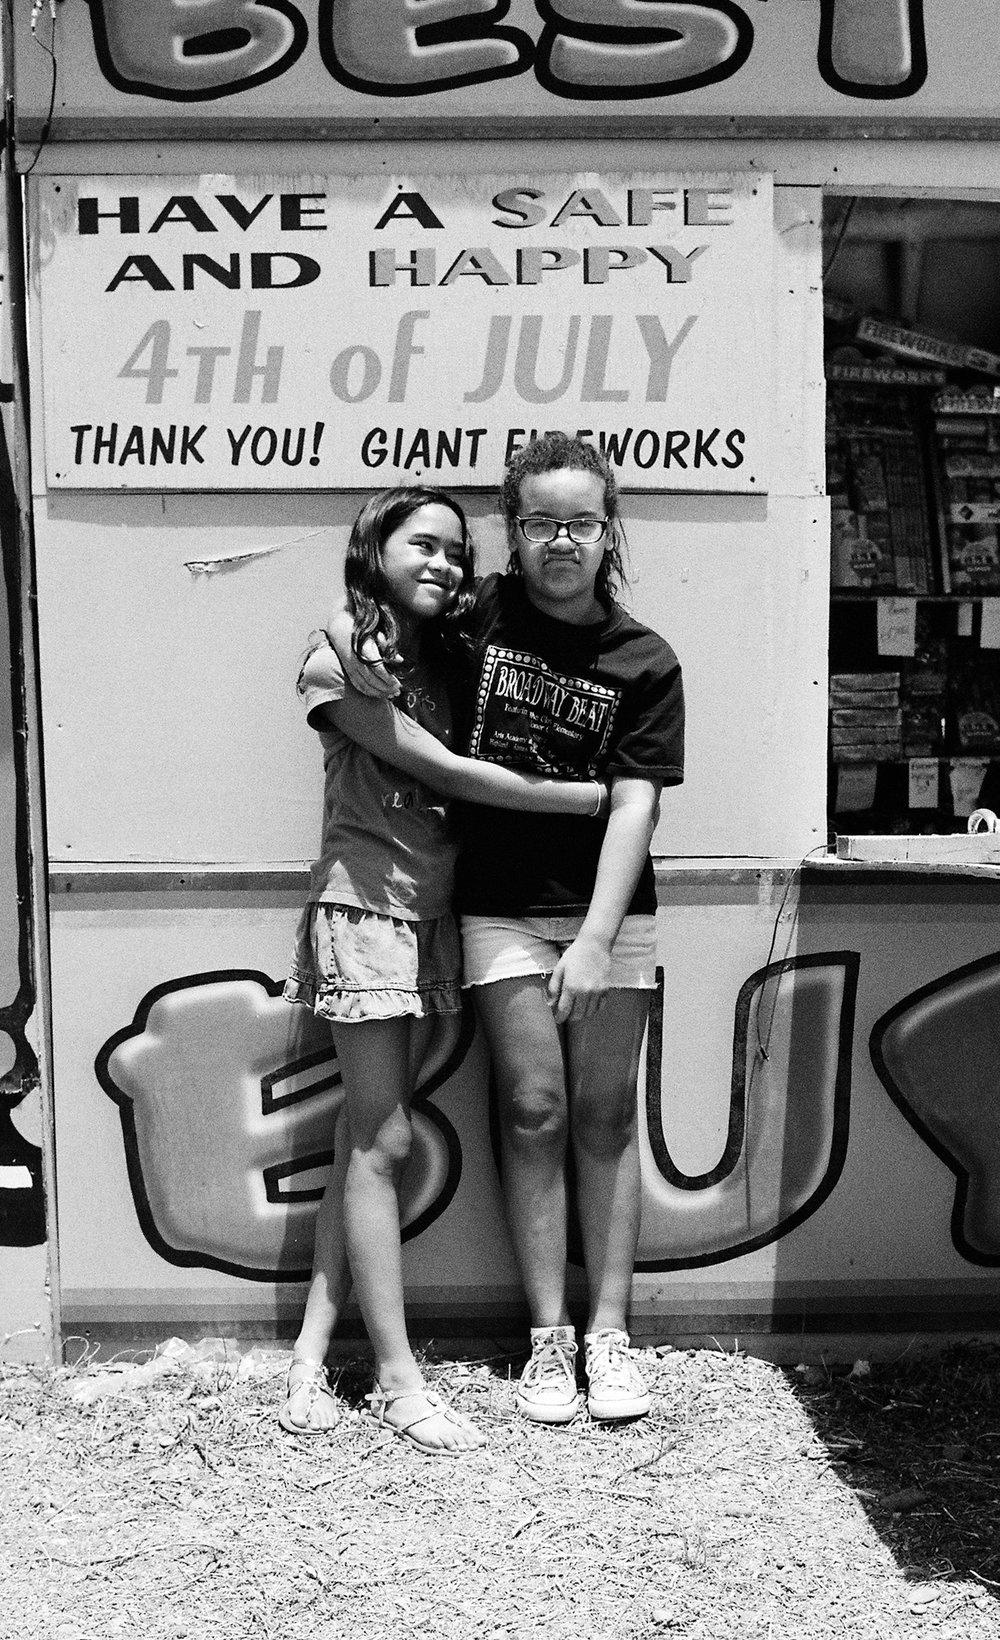 sisters-hug-fireworks-stand-texas